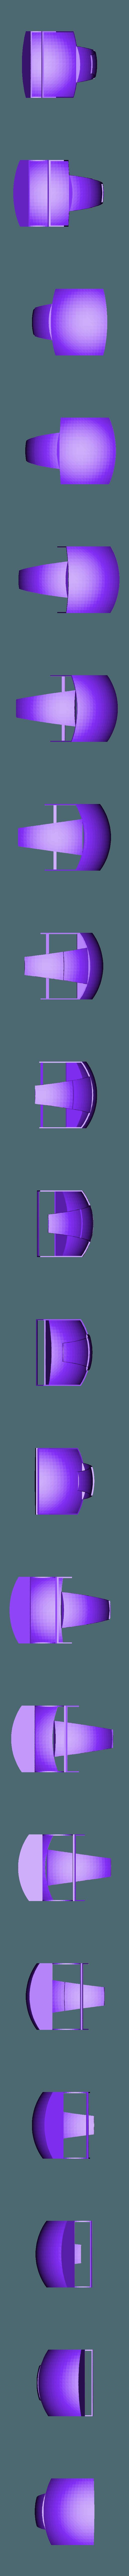 crane arrière haut.STL Télécharger fichier STL gratuit casque iron man • Design imprimable en 3D, mathiscovelli